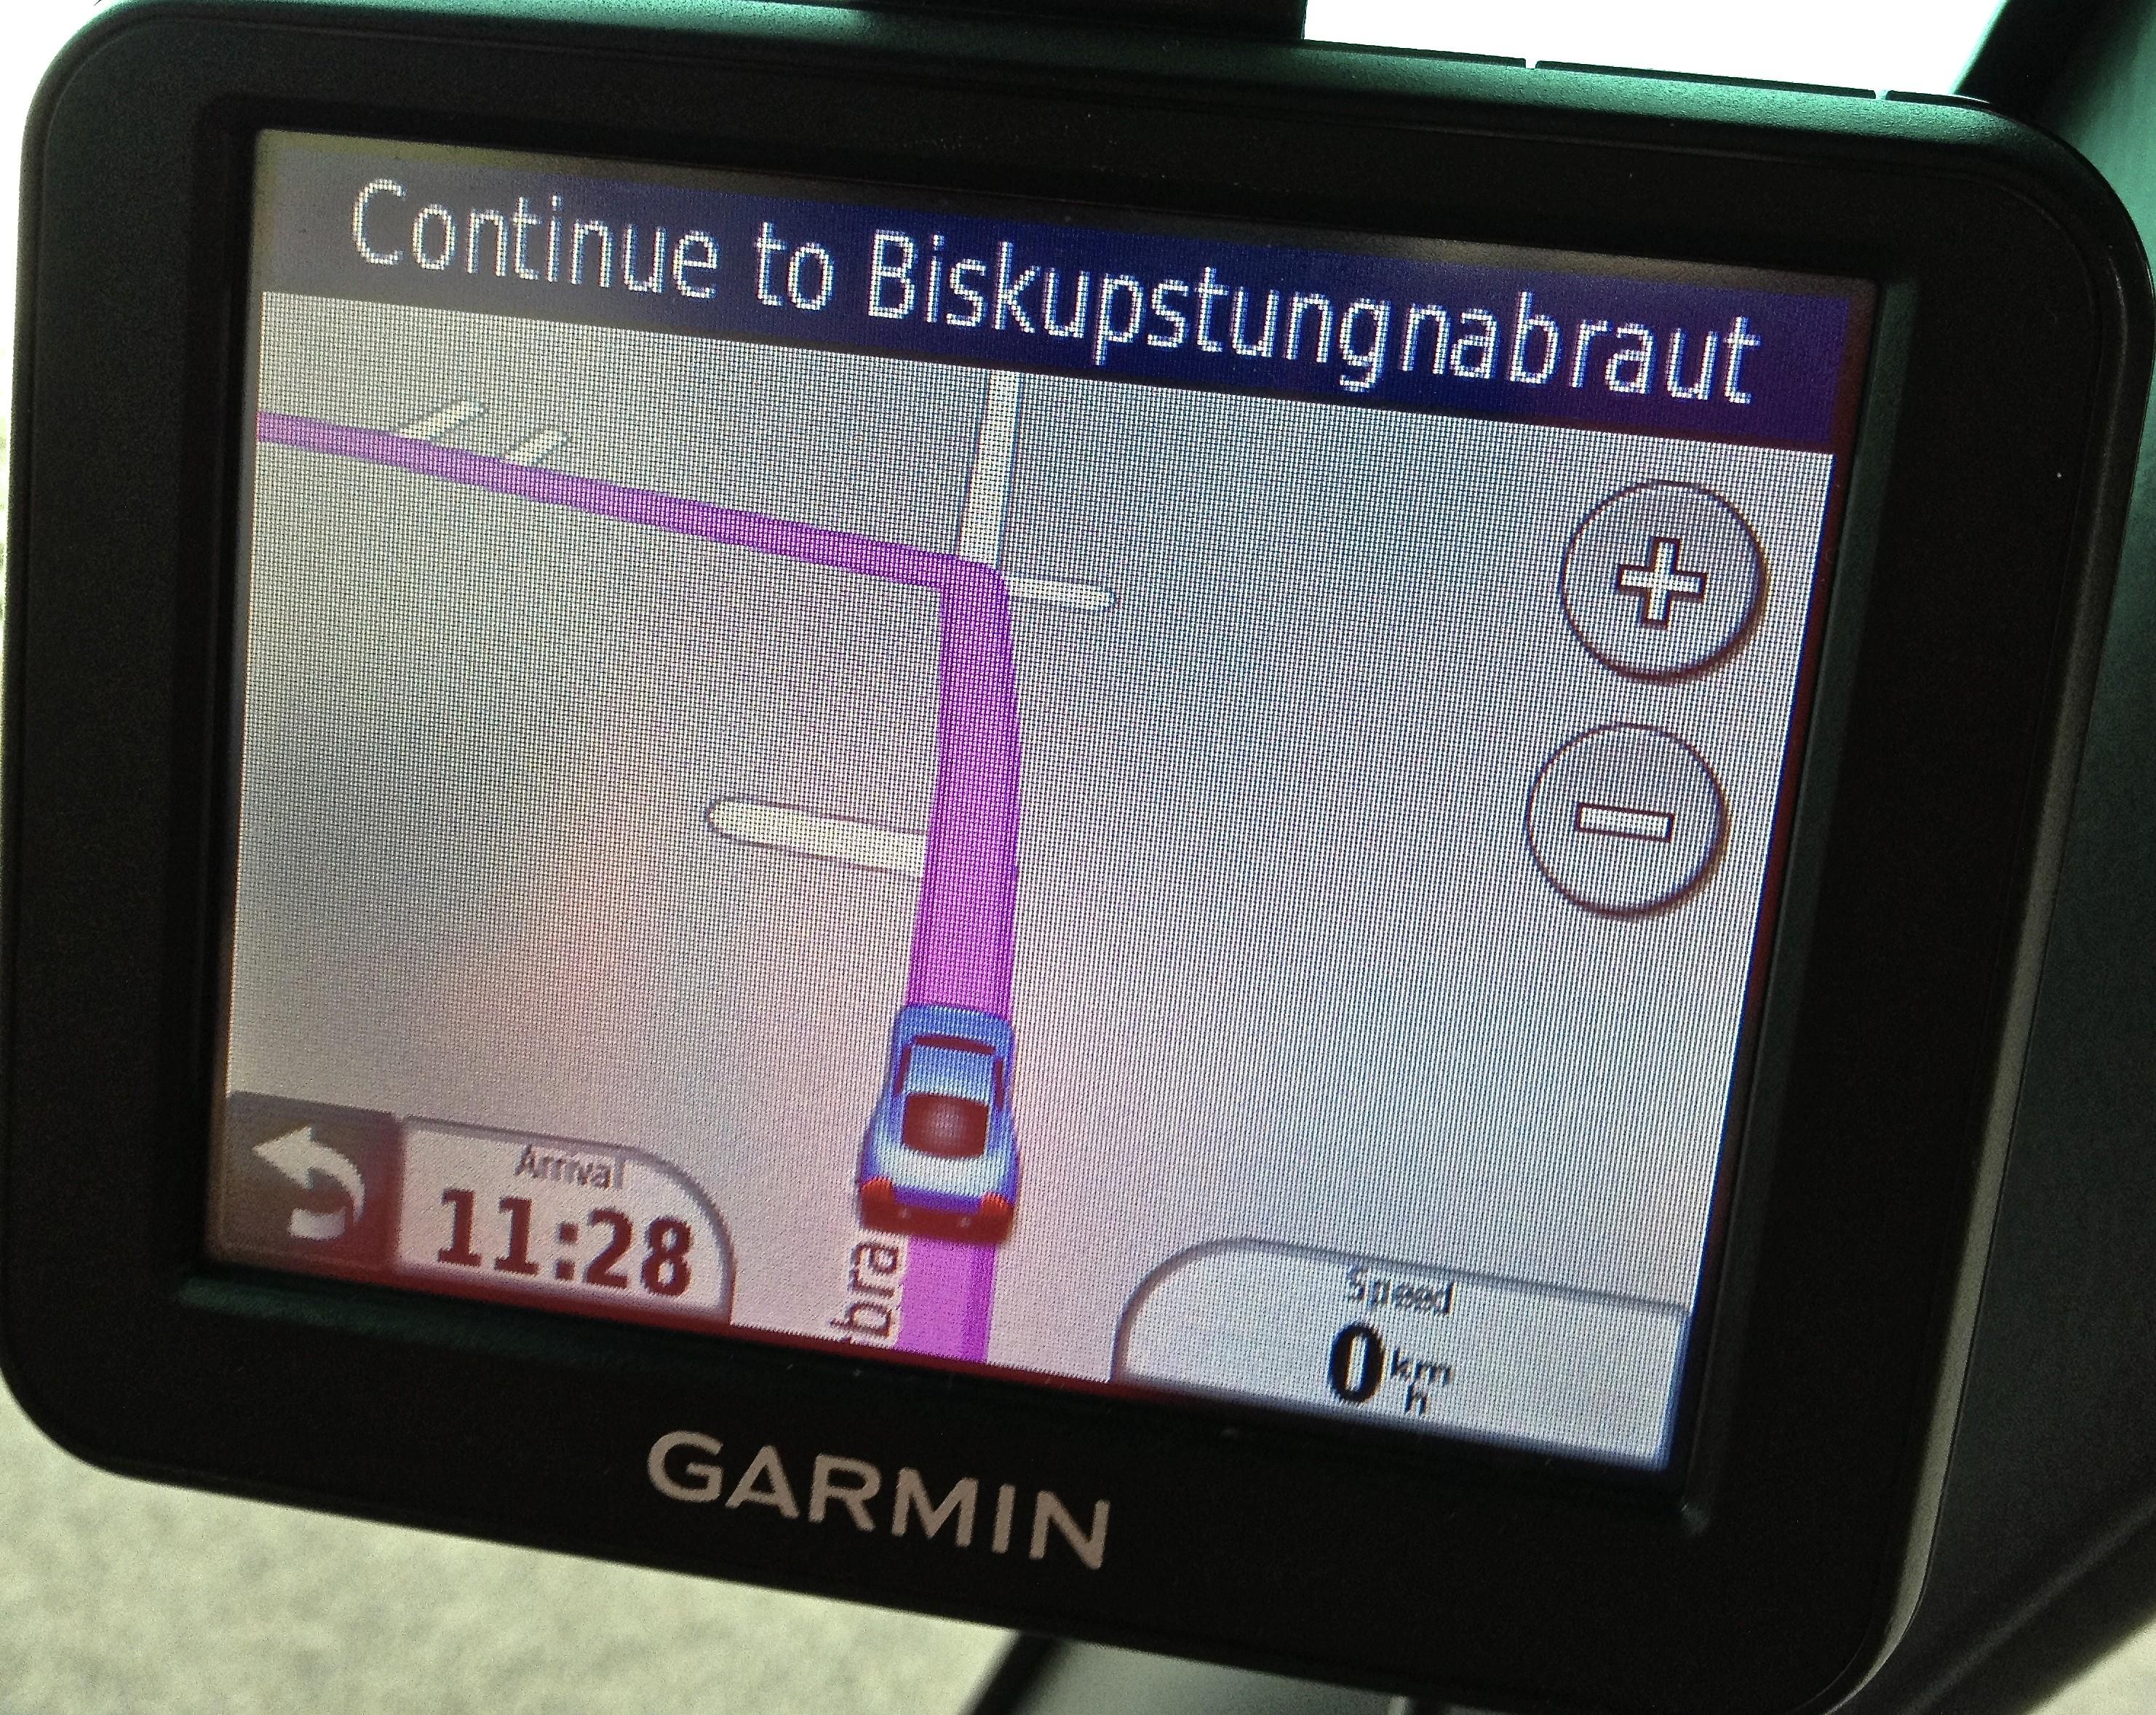 Icelandic town name displayed on Garmin GPS